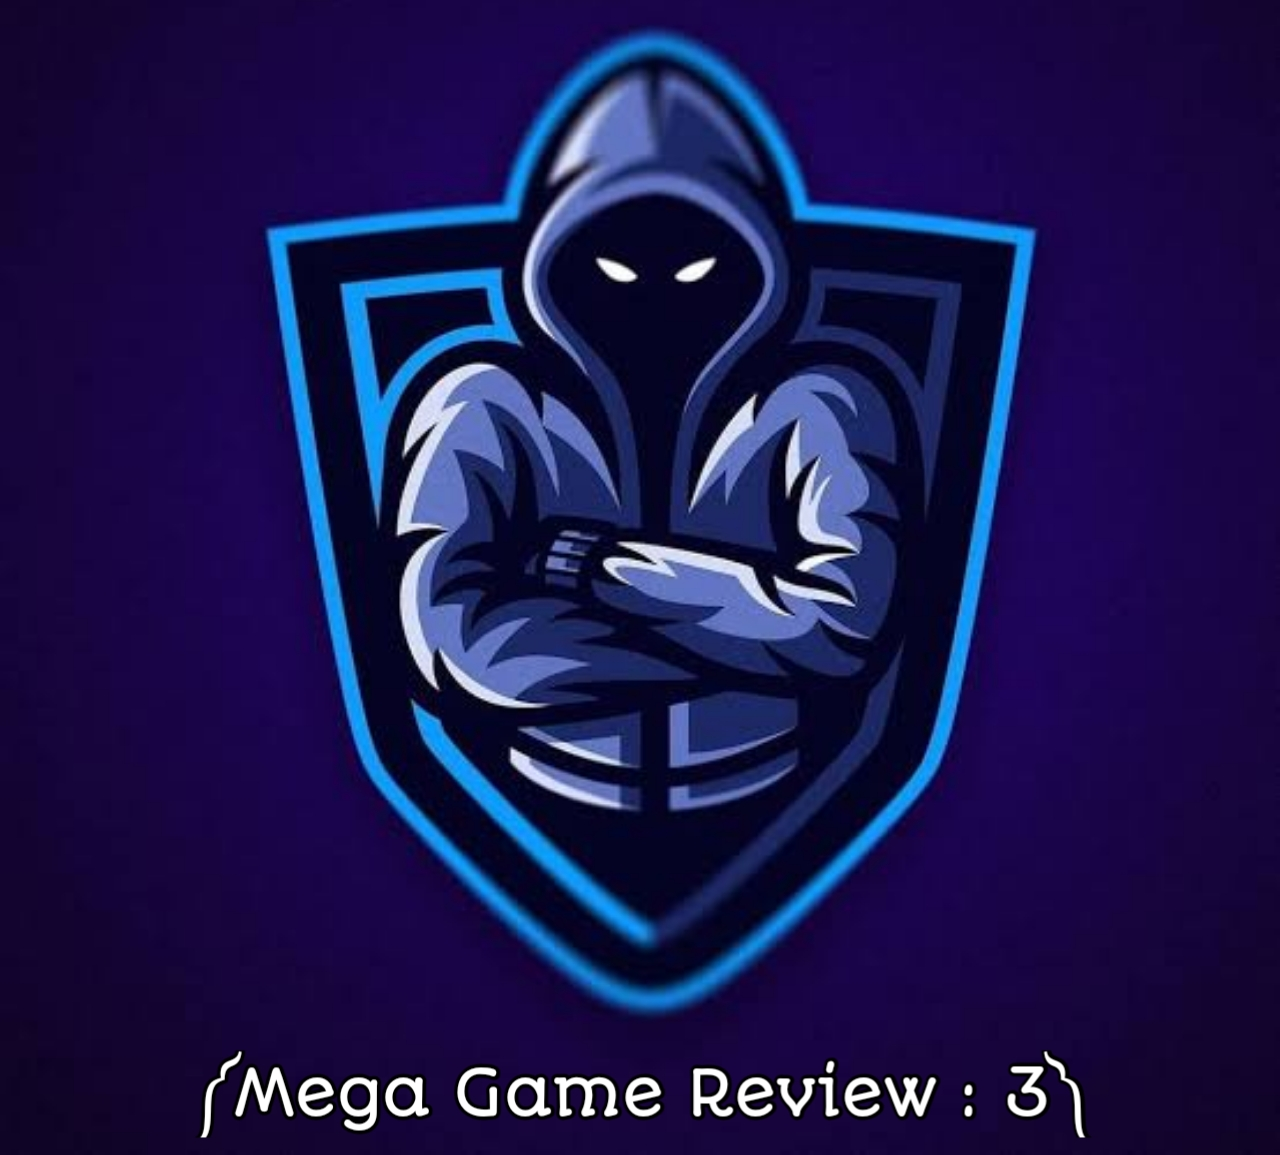 অ্যান্ড্রয়েড ডিভাইসের জন্য তৈরি করা সেরা গ্রাফিক্সের অসাধারণ কিছু মাইন্ড ব্লোয়িং গেম ।༼Mega Game Review : 3 with mod apk , +Java suggestion༽